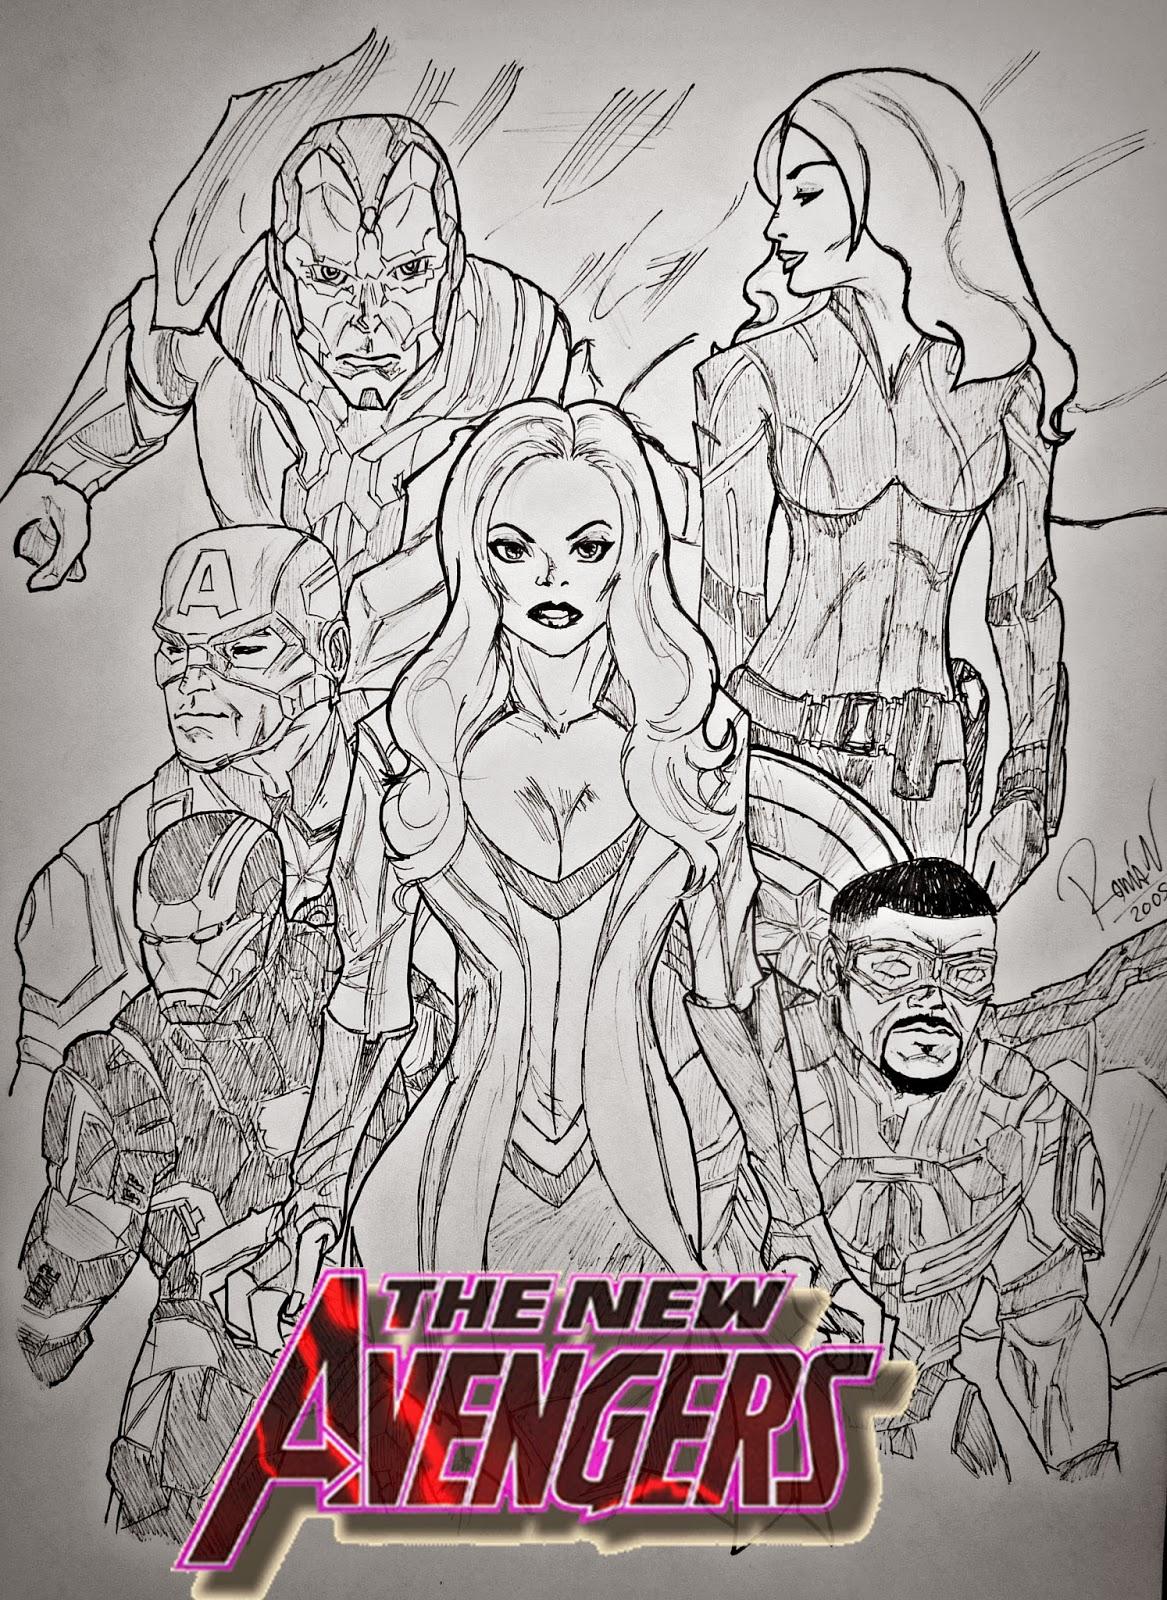 New Avengers SPOILER ALERT | Mr. Pencilmaniac